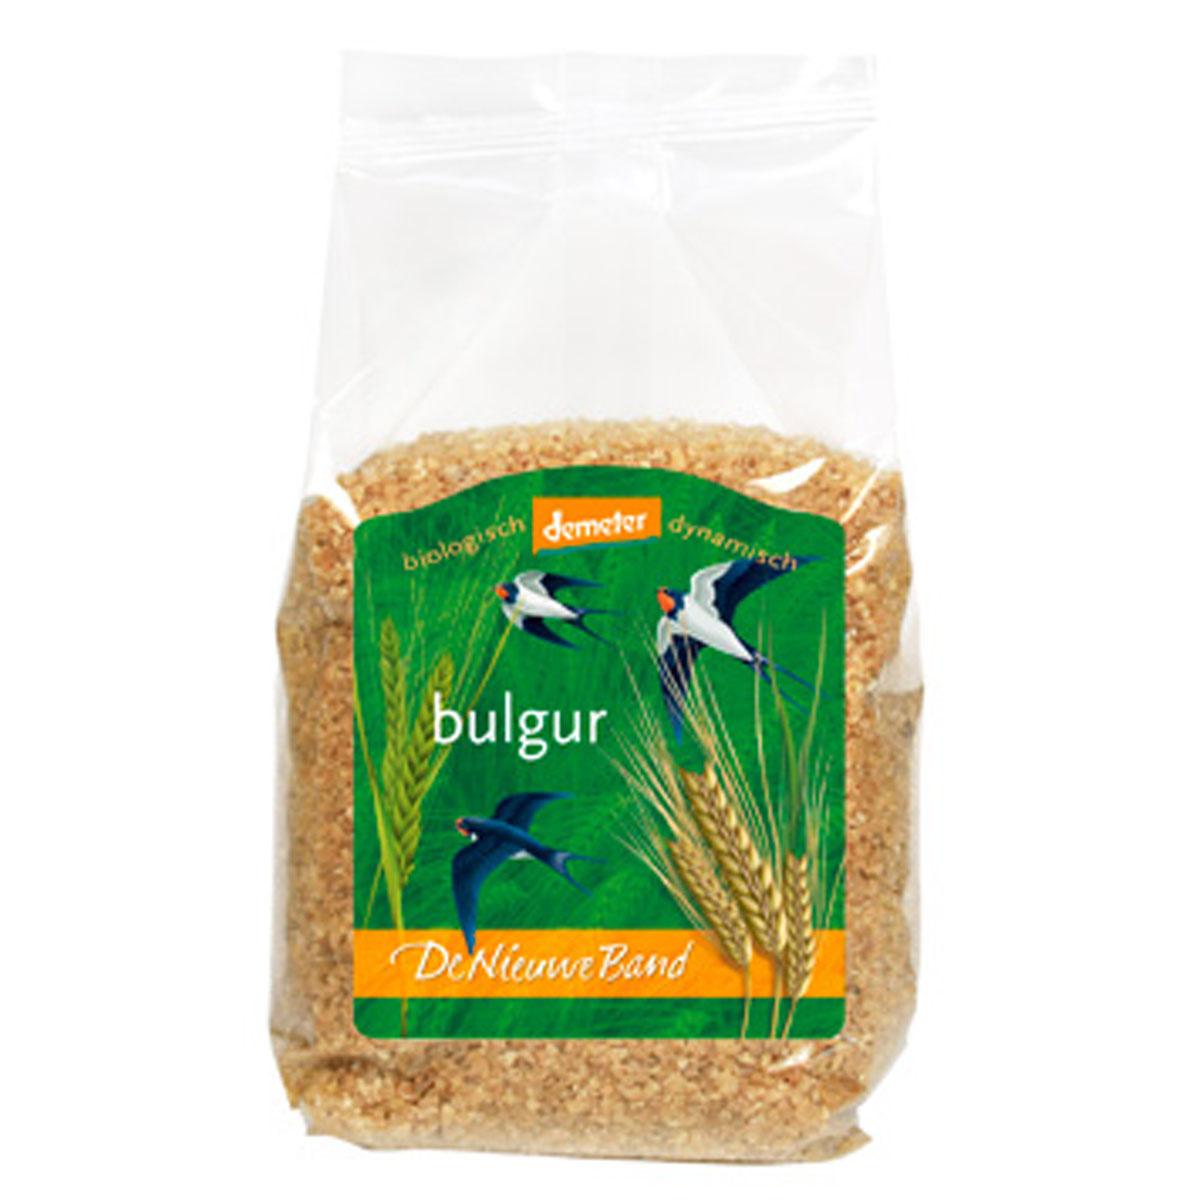 bulgur BD